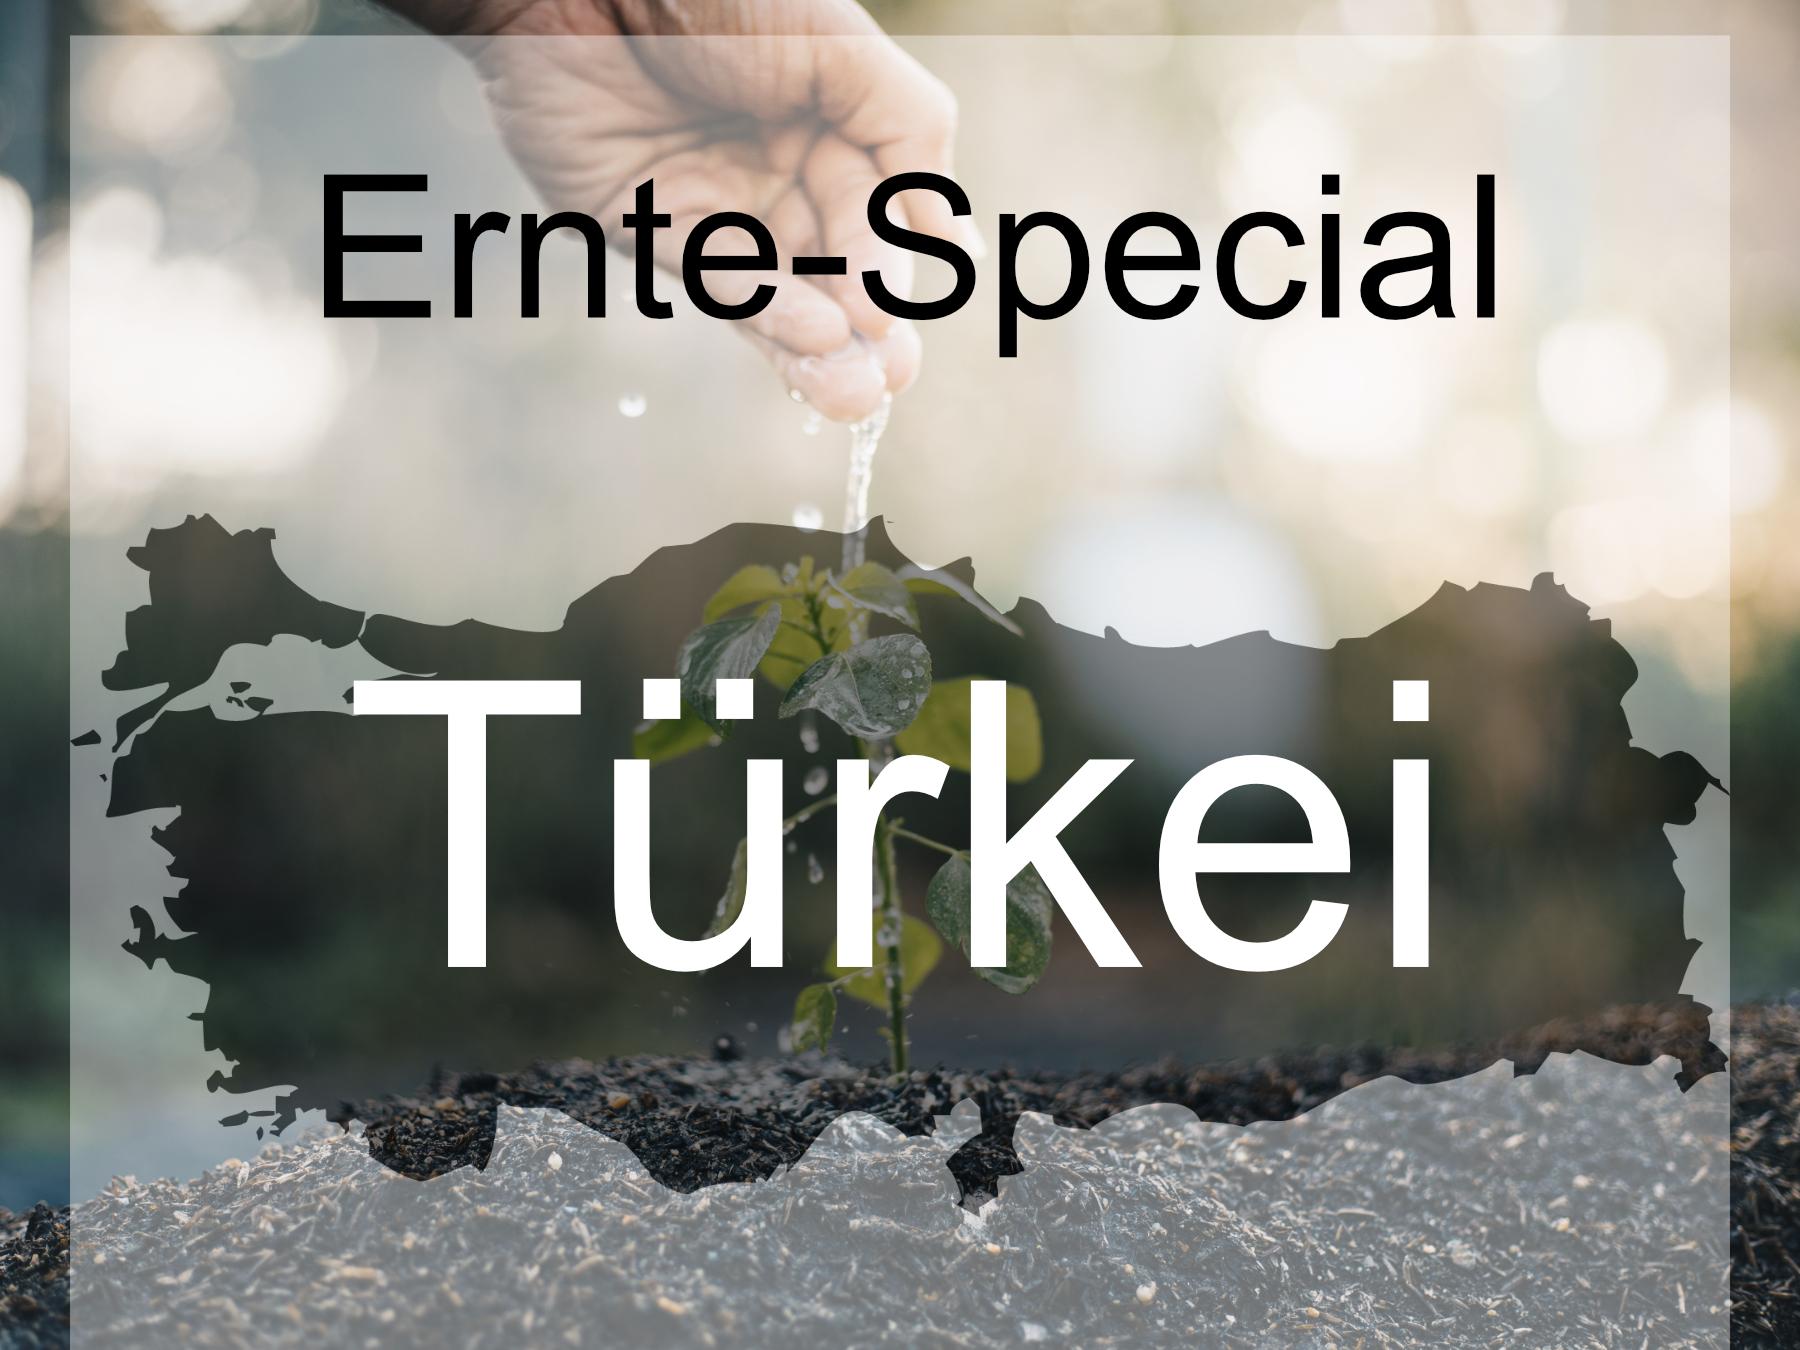 Blog-Bild-Ernte-Special-Turkei